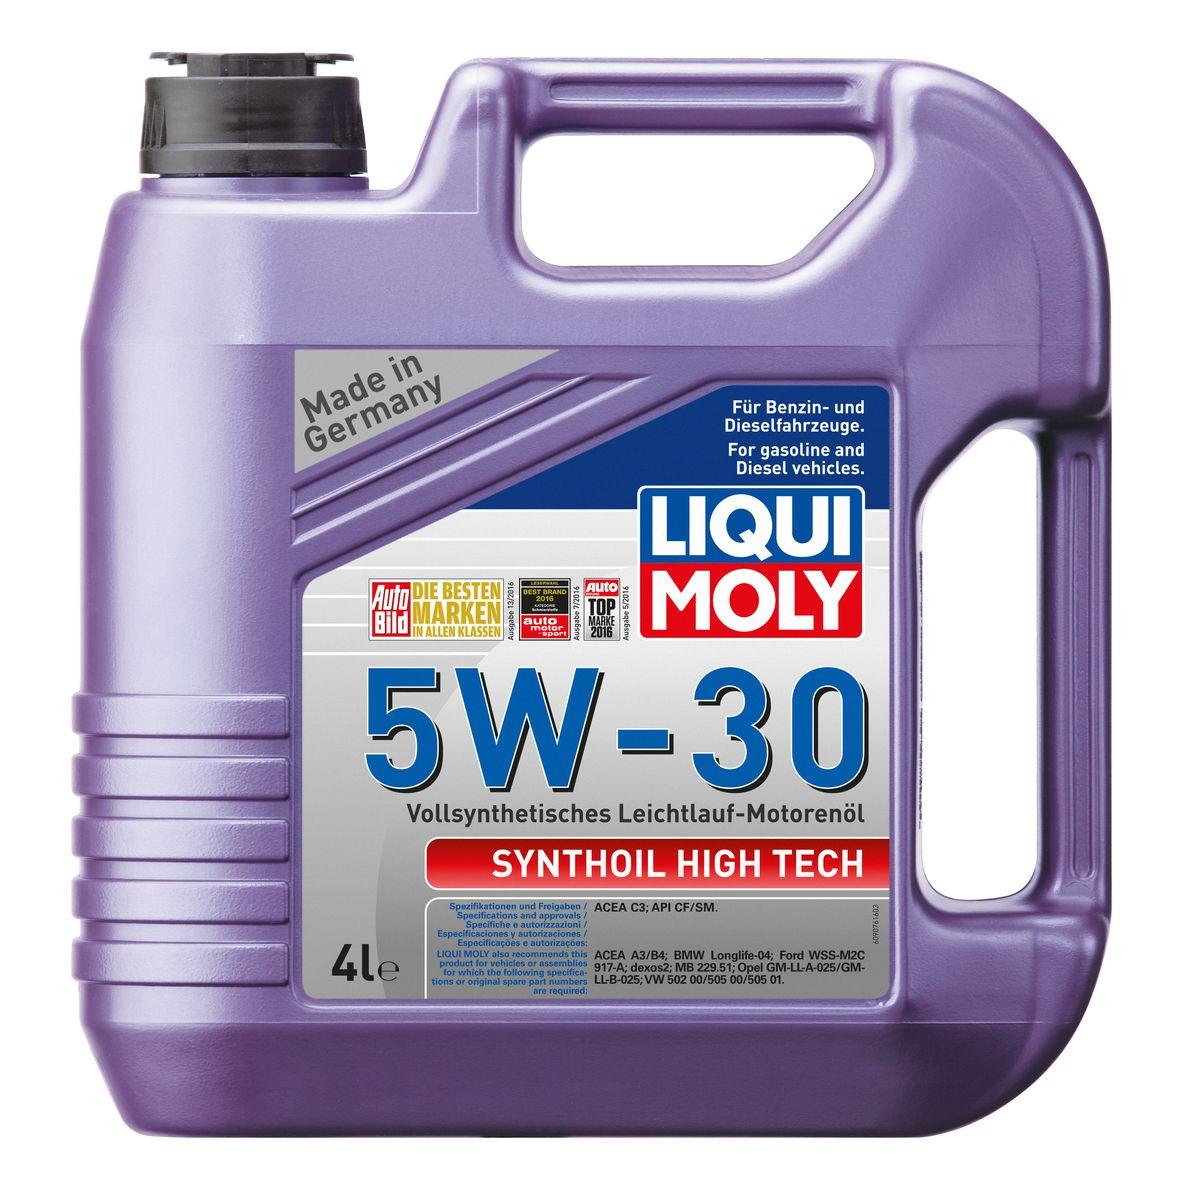 Масло моторное Liqui Moly Synthoil High Tech, синтетическое, 5W-30, 4 л10503Масло моторное Liqui Moly Synthoil High Tech - 100% синтетическое универсальное моторное масло на базе полиальфаолефинов (ПАО) для большинства автомобилей, для которых требования к маслам опираются на международные классификации API и ACEA. Популярнейший класс вязкости для всех современных автомобилях. Благодаря новейшему классу ACEA C3 моторное масло отлично подходит для автомобилей с сажевыми фильтрами. Использование современных, полностью синтетических базовых масел (ПАО) и передовых технологий в области разработок присадок гарантирует низкую вязкость масла при низких температурах, высокую надежность масляной пленки. Моторные масла линейки Synthoil предотвращают образование отложений в двигателе, снижают трение и надежно защищают от износа. Особенности: - Быстрое поступление масла к трущимся деталям при низких температурах- Высокая защита двигателя от износа- Замечательная термоокислительная стабильность и устойчивость к старению- Обеспечивает чистоту двигателя- Очень низкий расход масла- Совместимо с новейшими системами нейтрализации выхлопных газов- Сокращает вредные выбросыДопуск: -API: CF/SM-ACEA: C3